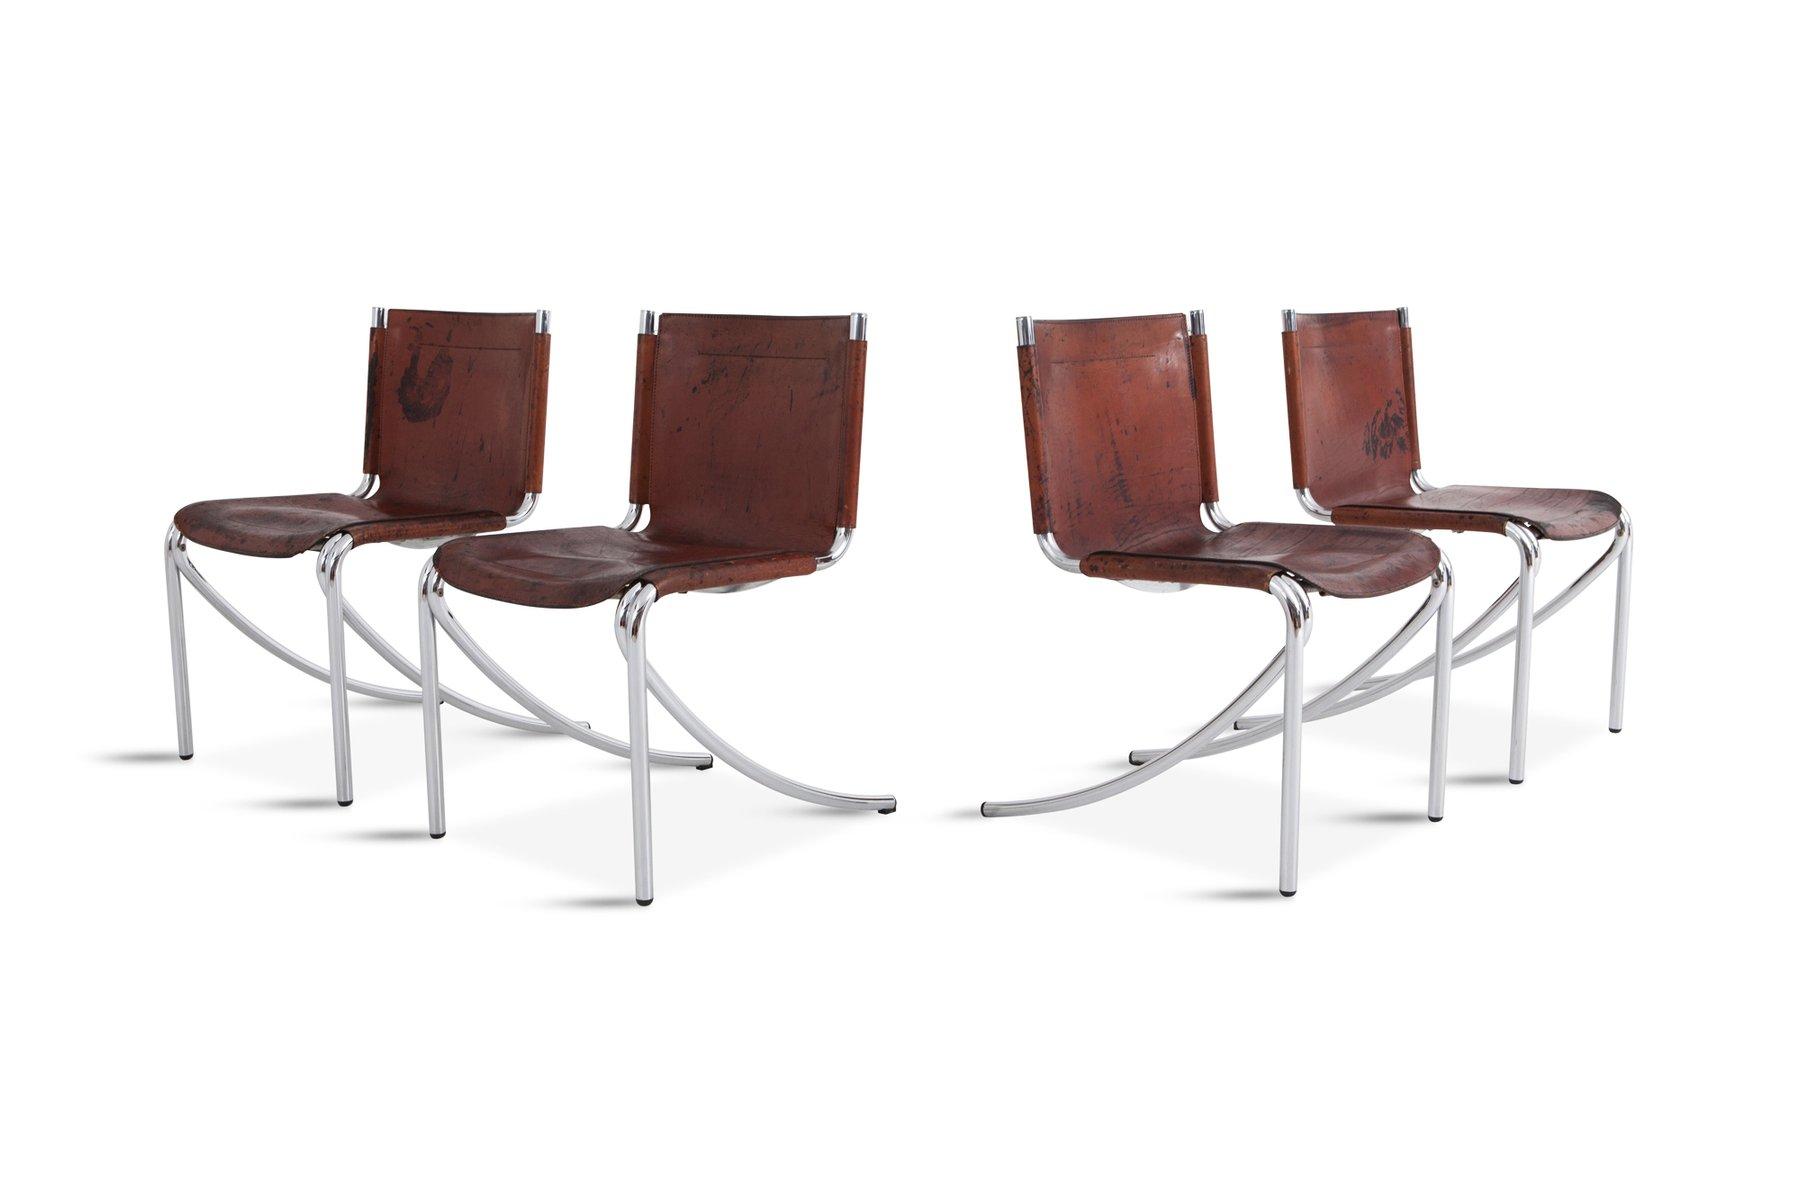 Sedie In Metallo Vintage : Sedie da pranzo jot vintage in pelle e metallo cromato di giotto